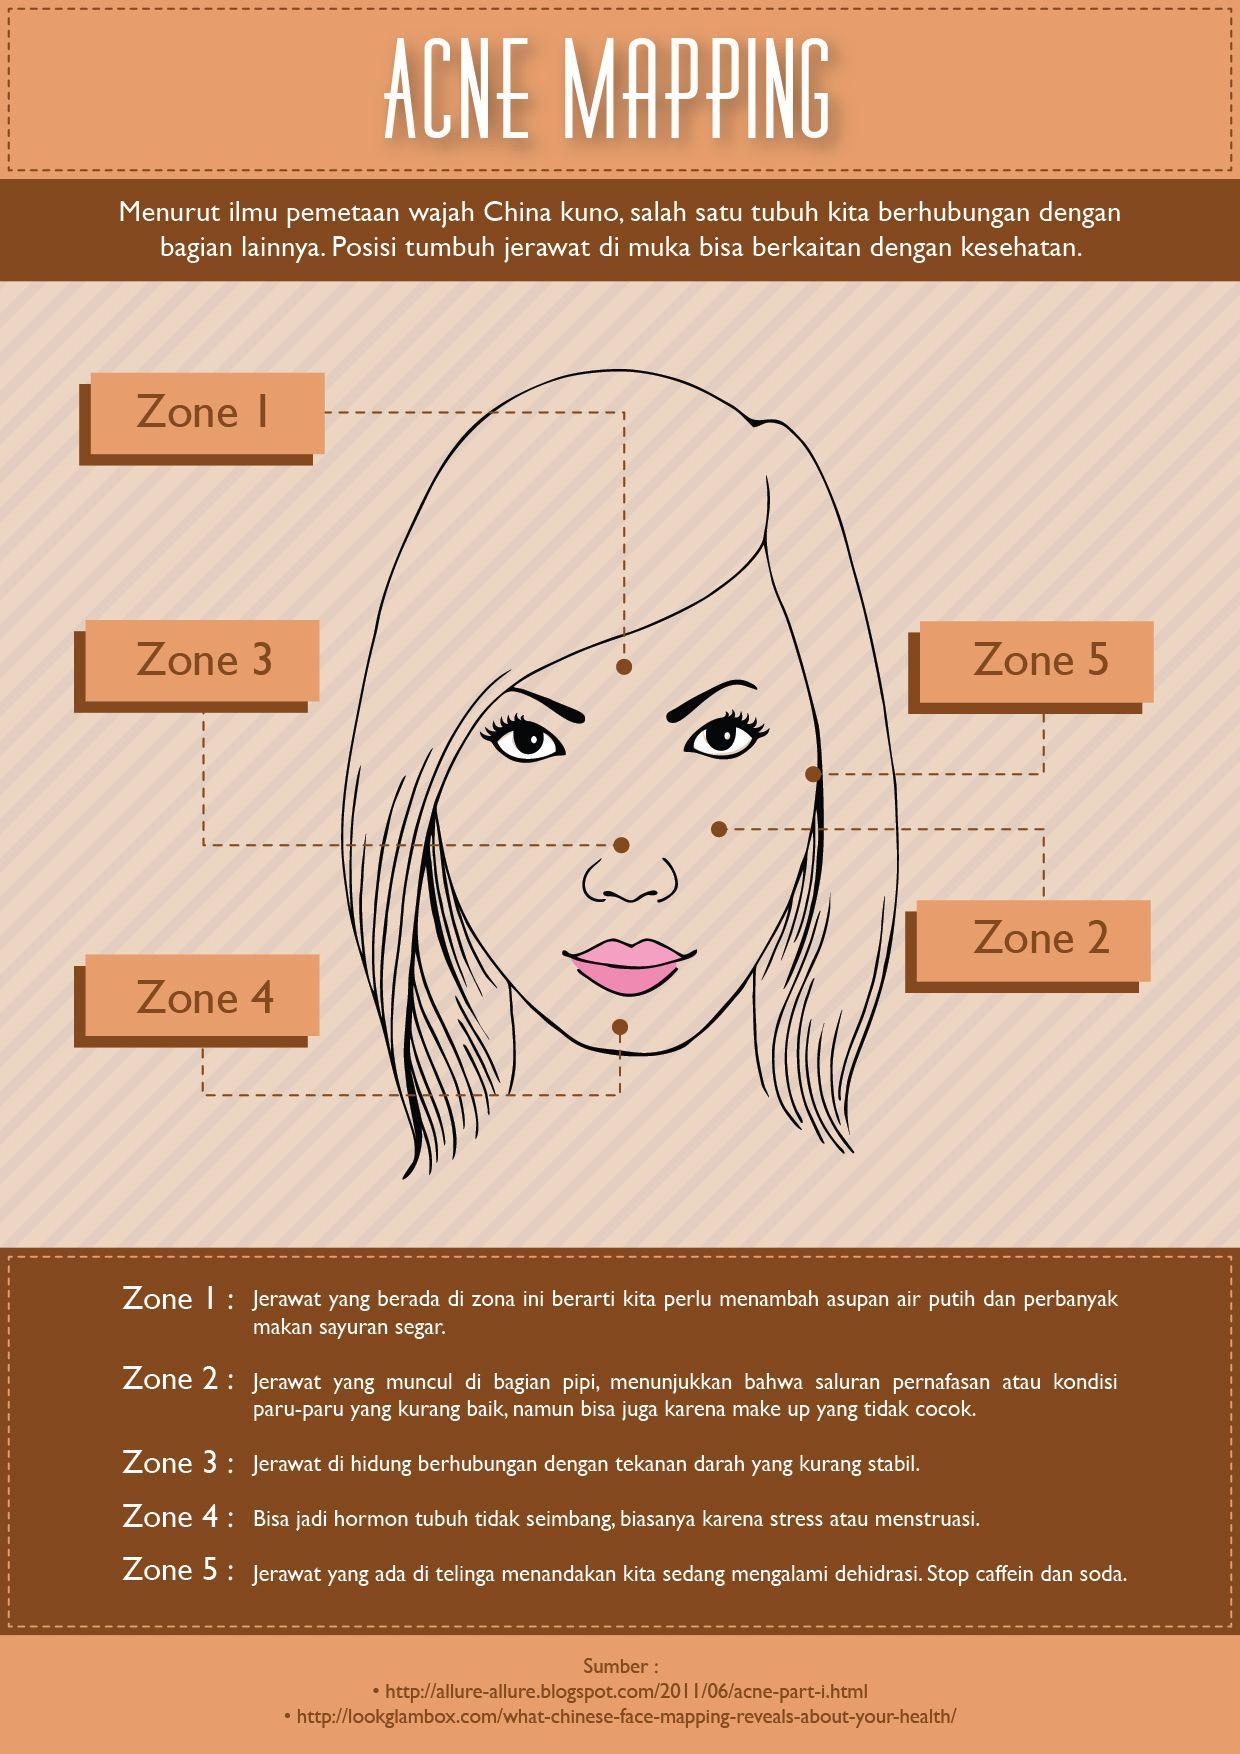 Menurut ilmu pemetaan wajah China kuno, salah satu tubuh